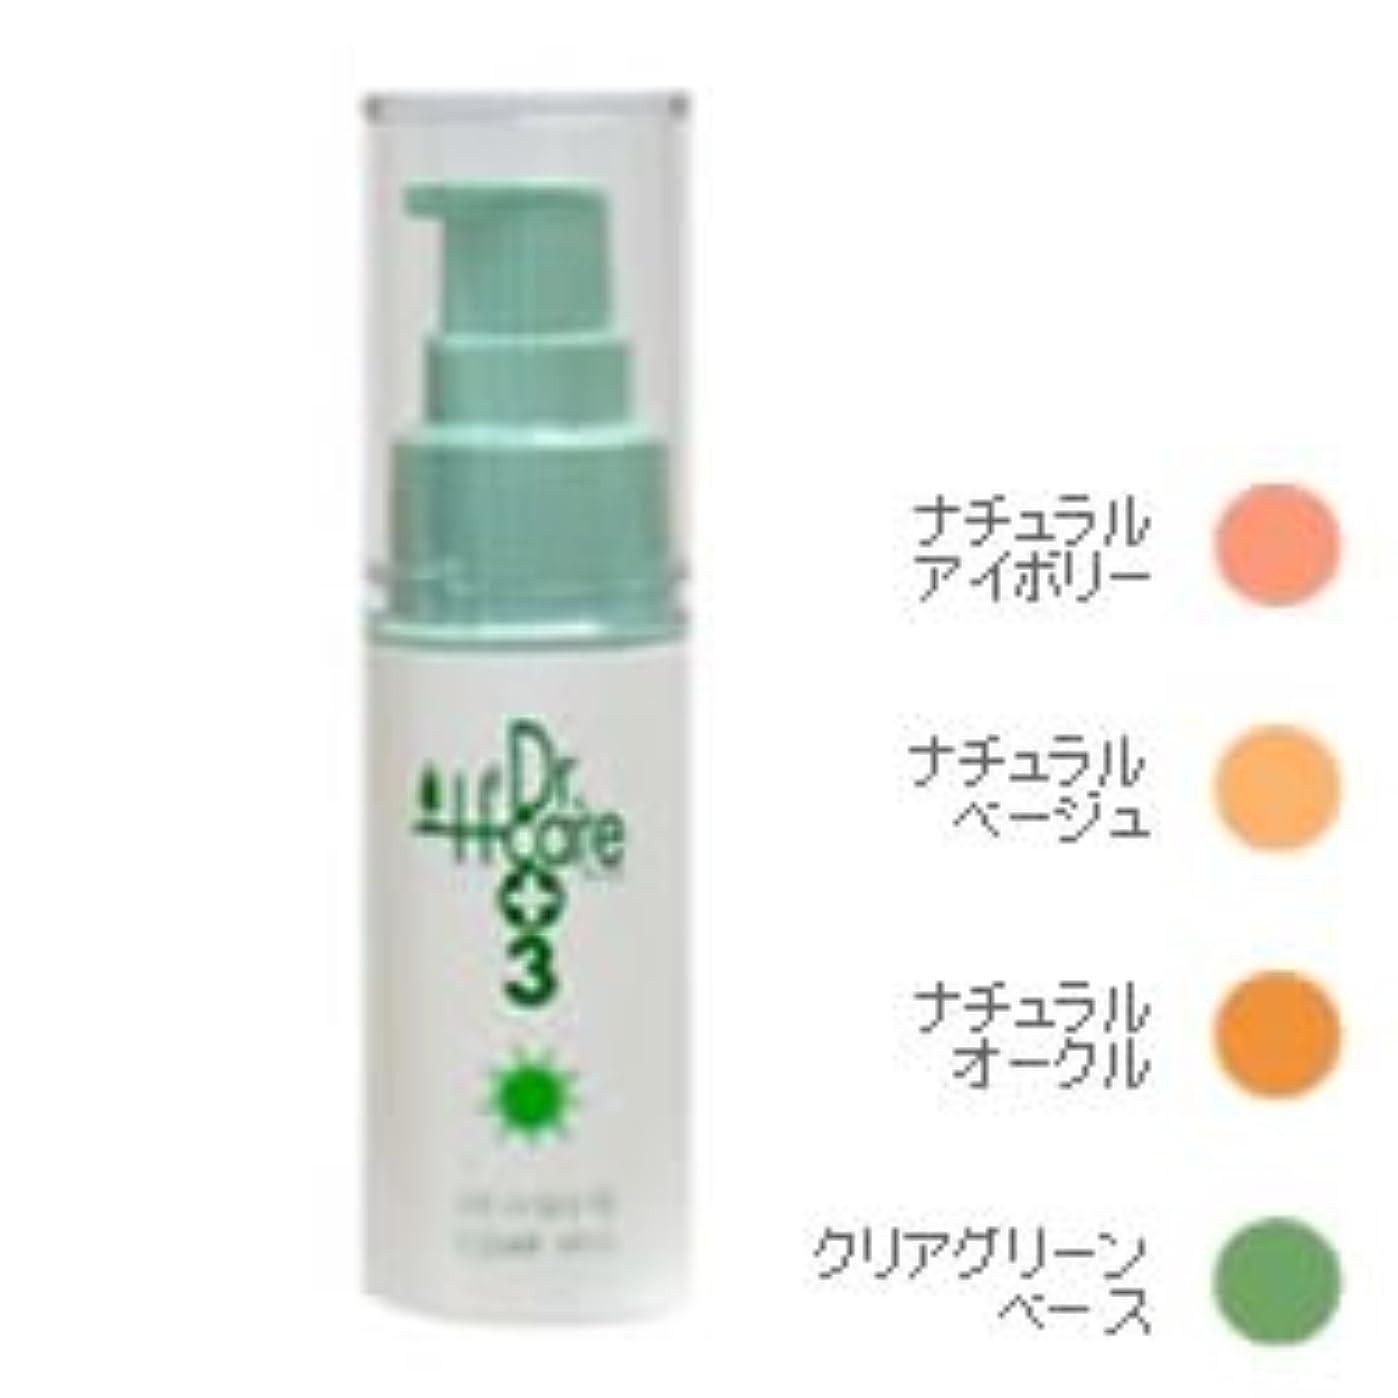 アシュケア UVリキッドクリアベール24g SPF 16 PA++日焼け止め化粧下地) クリアグリーンベース